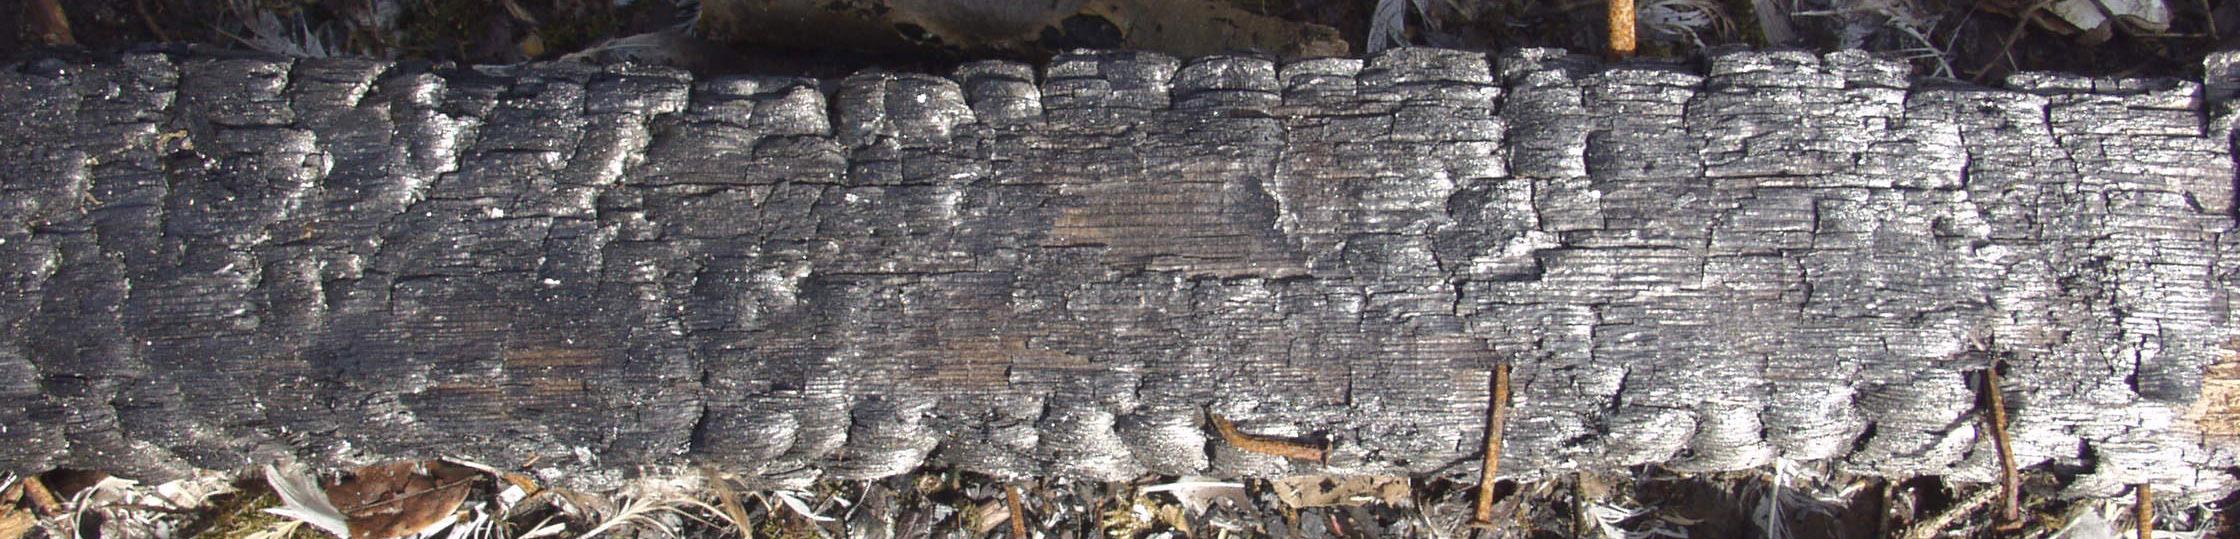 木材-燃烧过的-木梁(8)